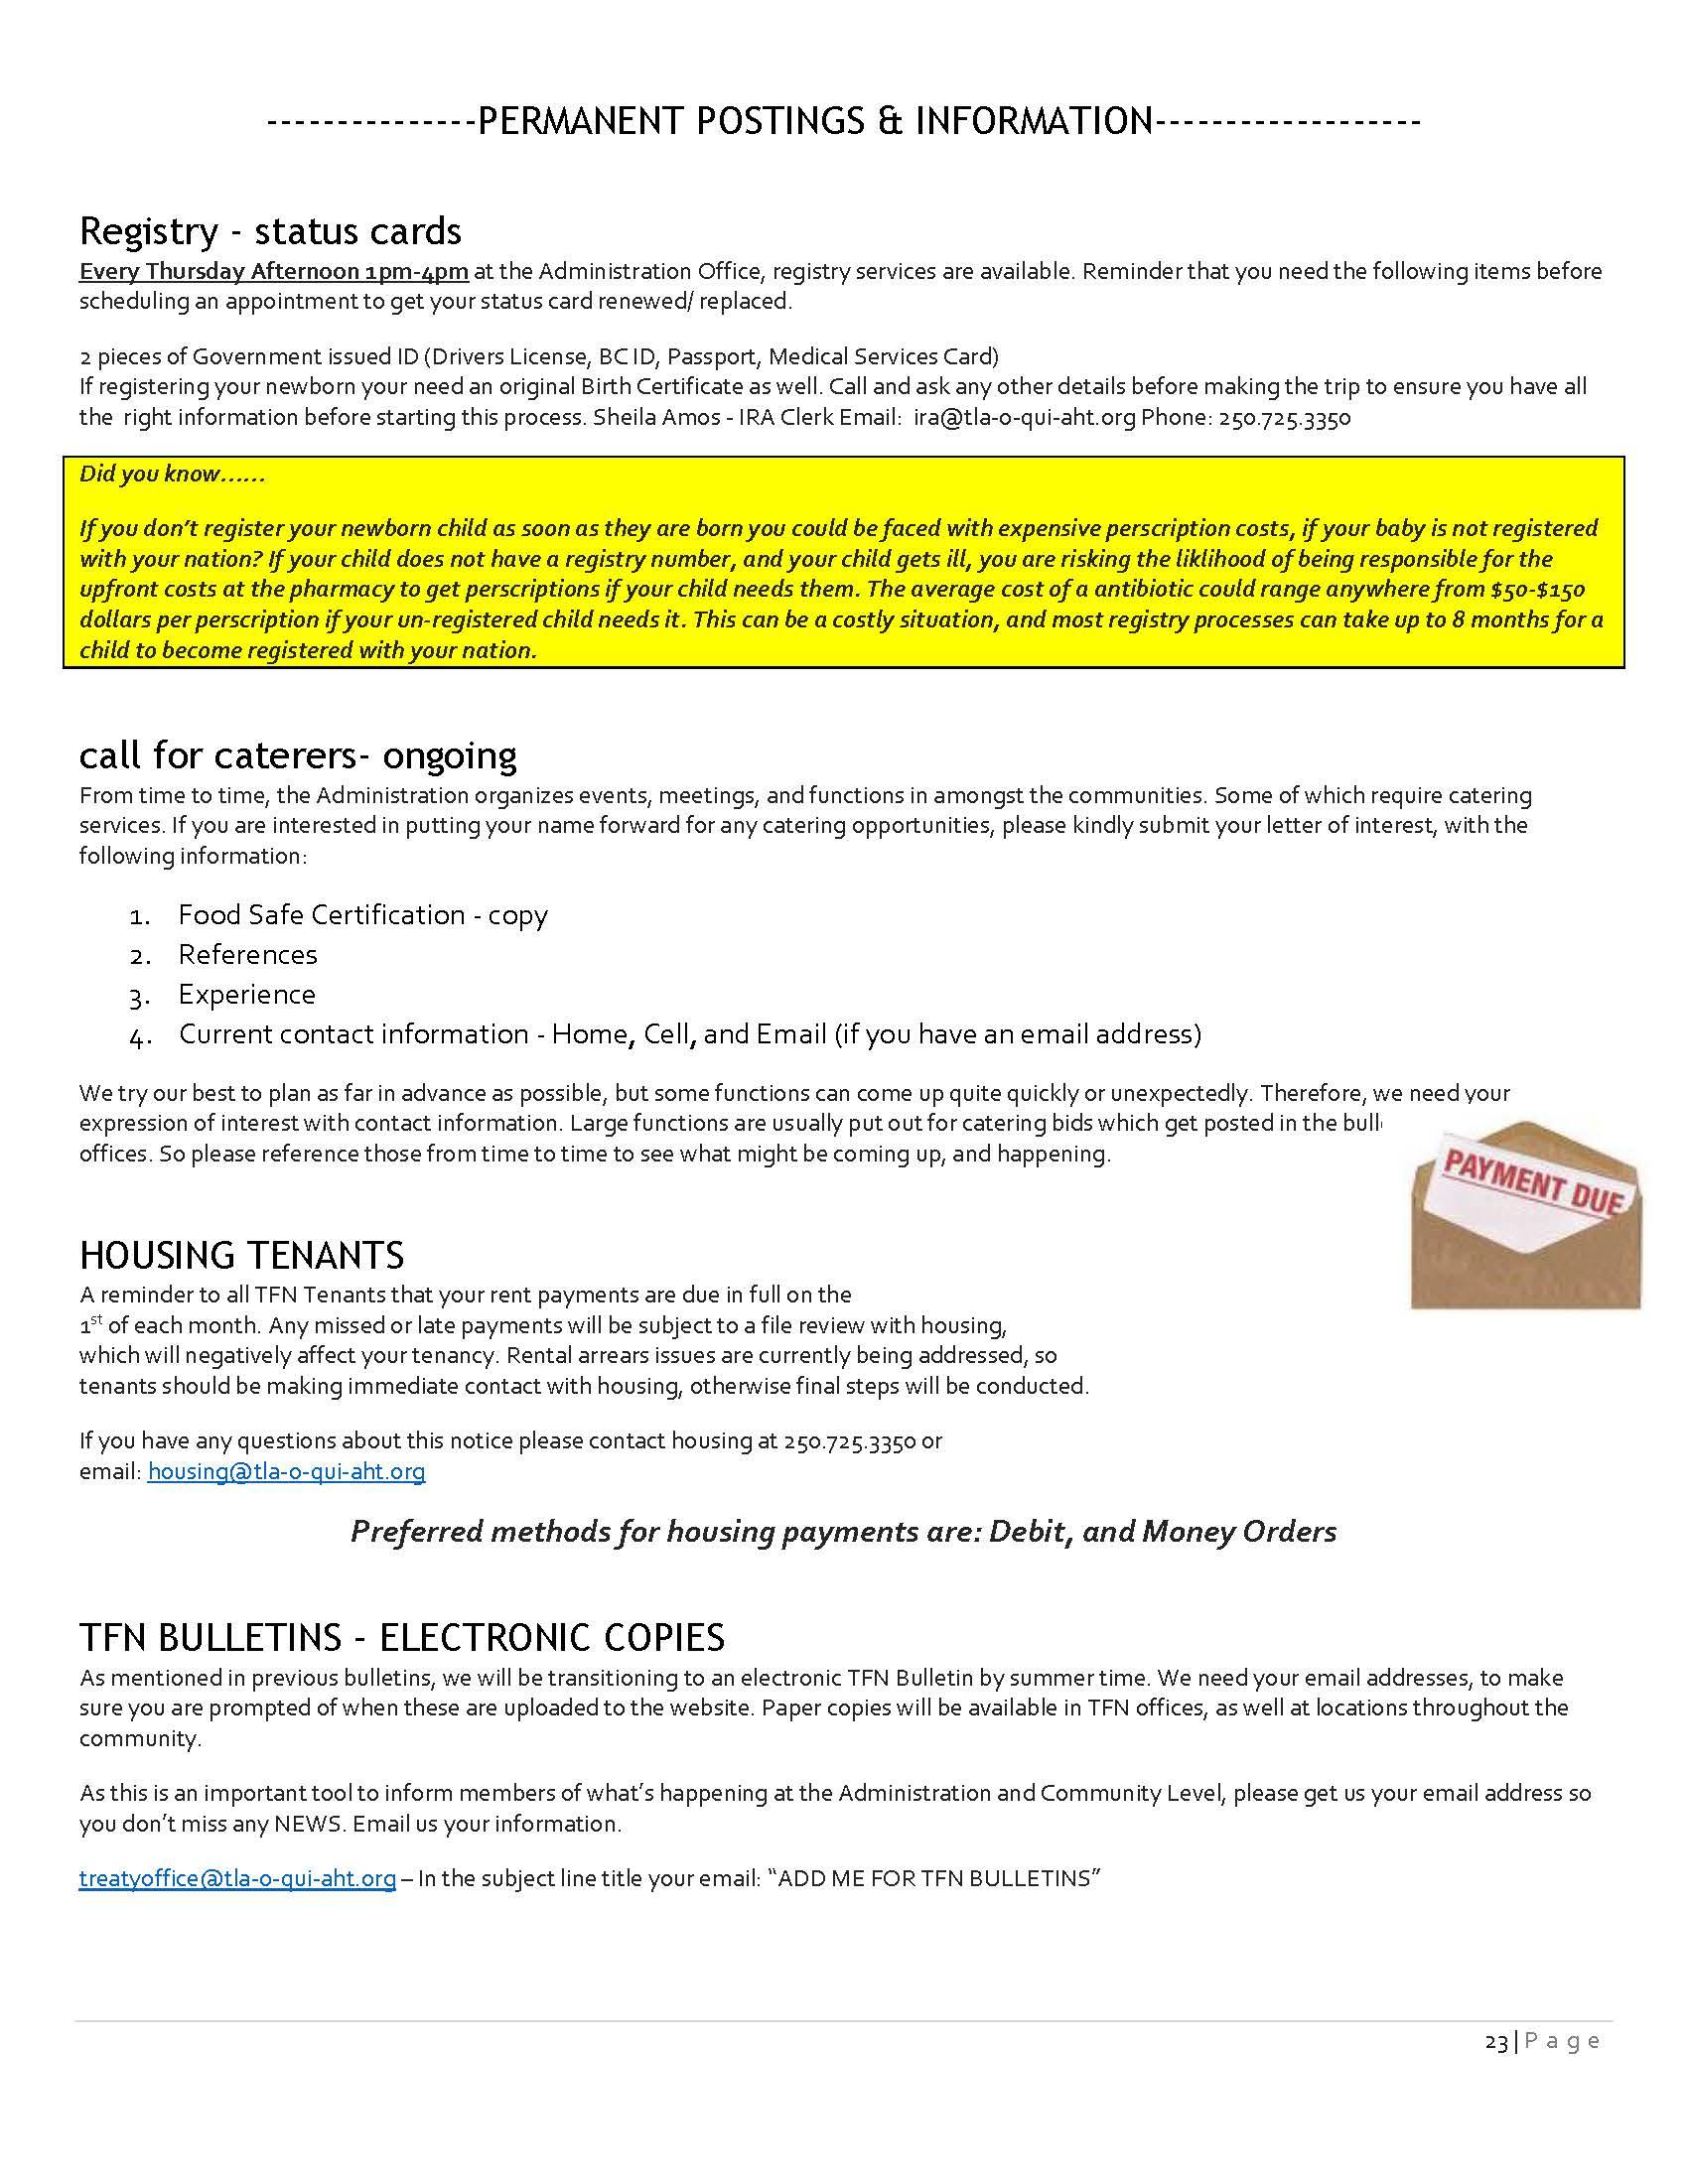 TFN Bulletin Dec 01 2016 (3)_Page_23.jpg